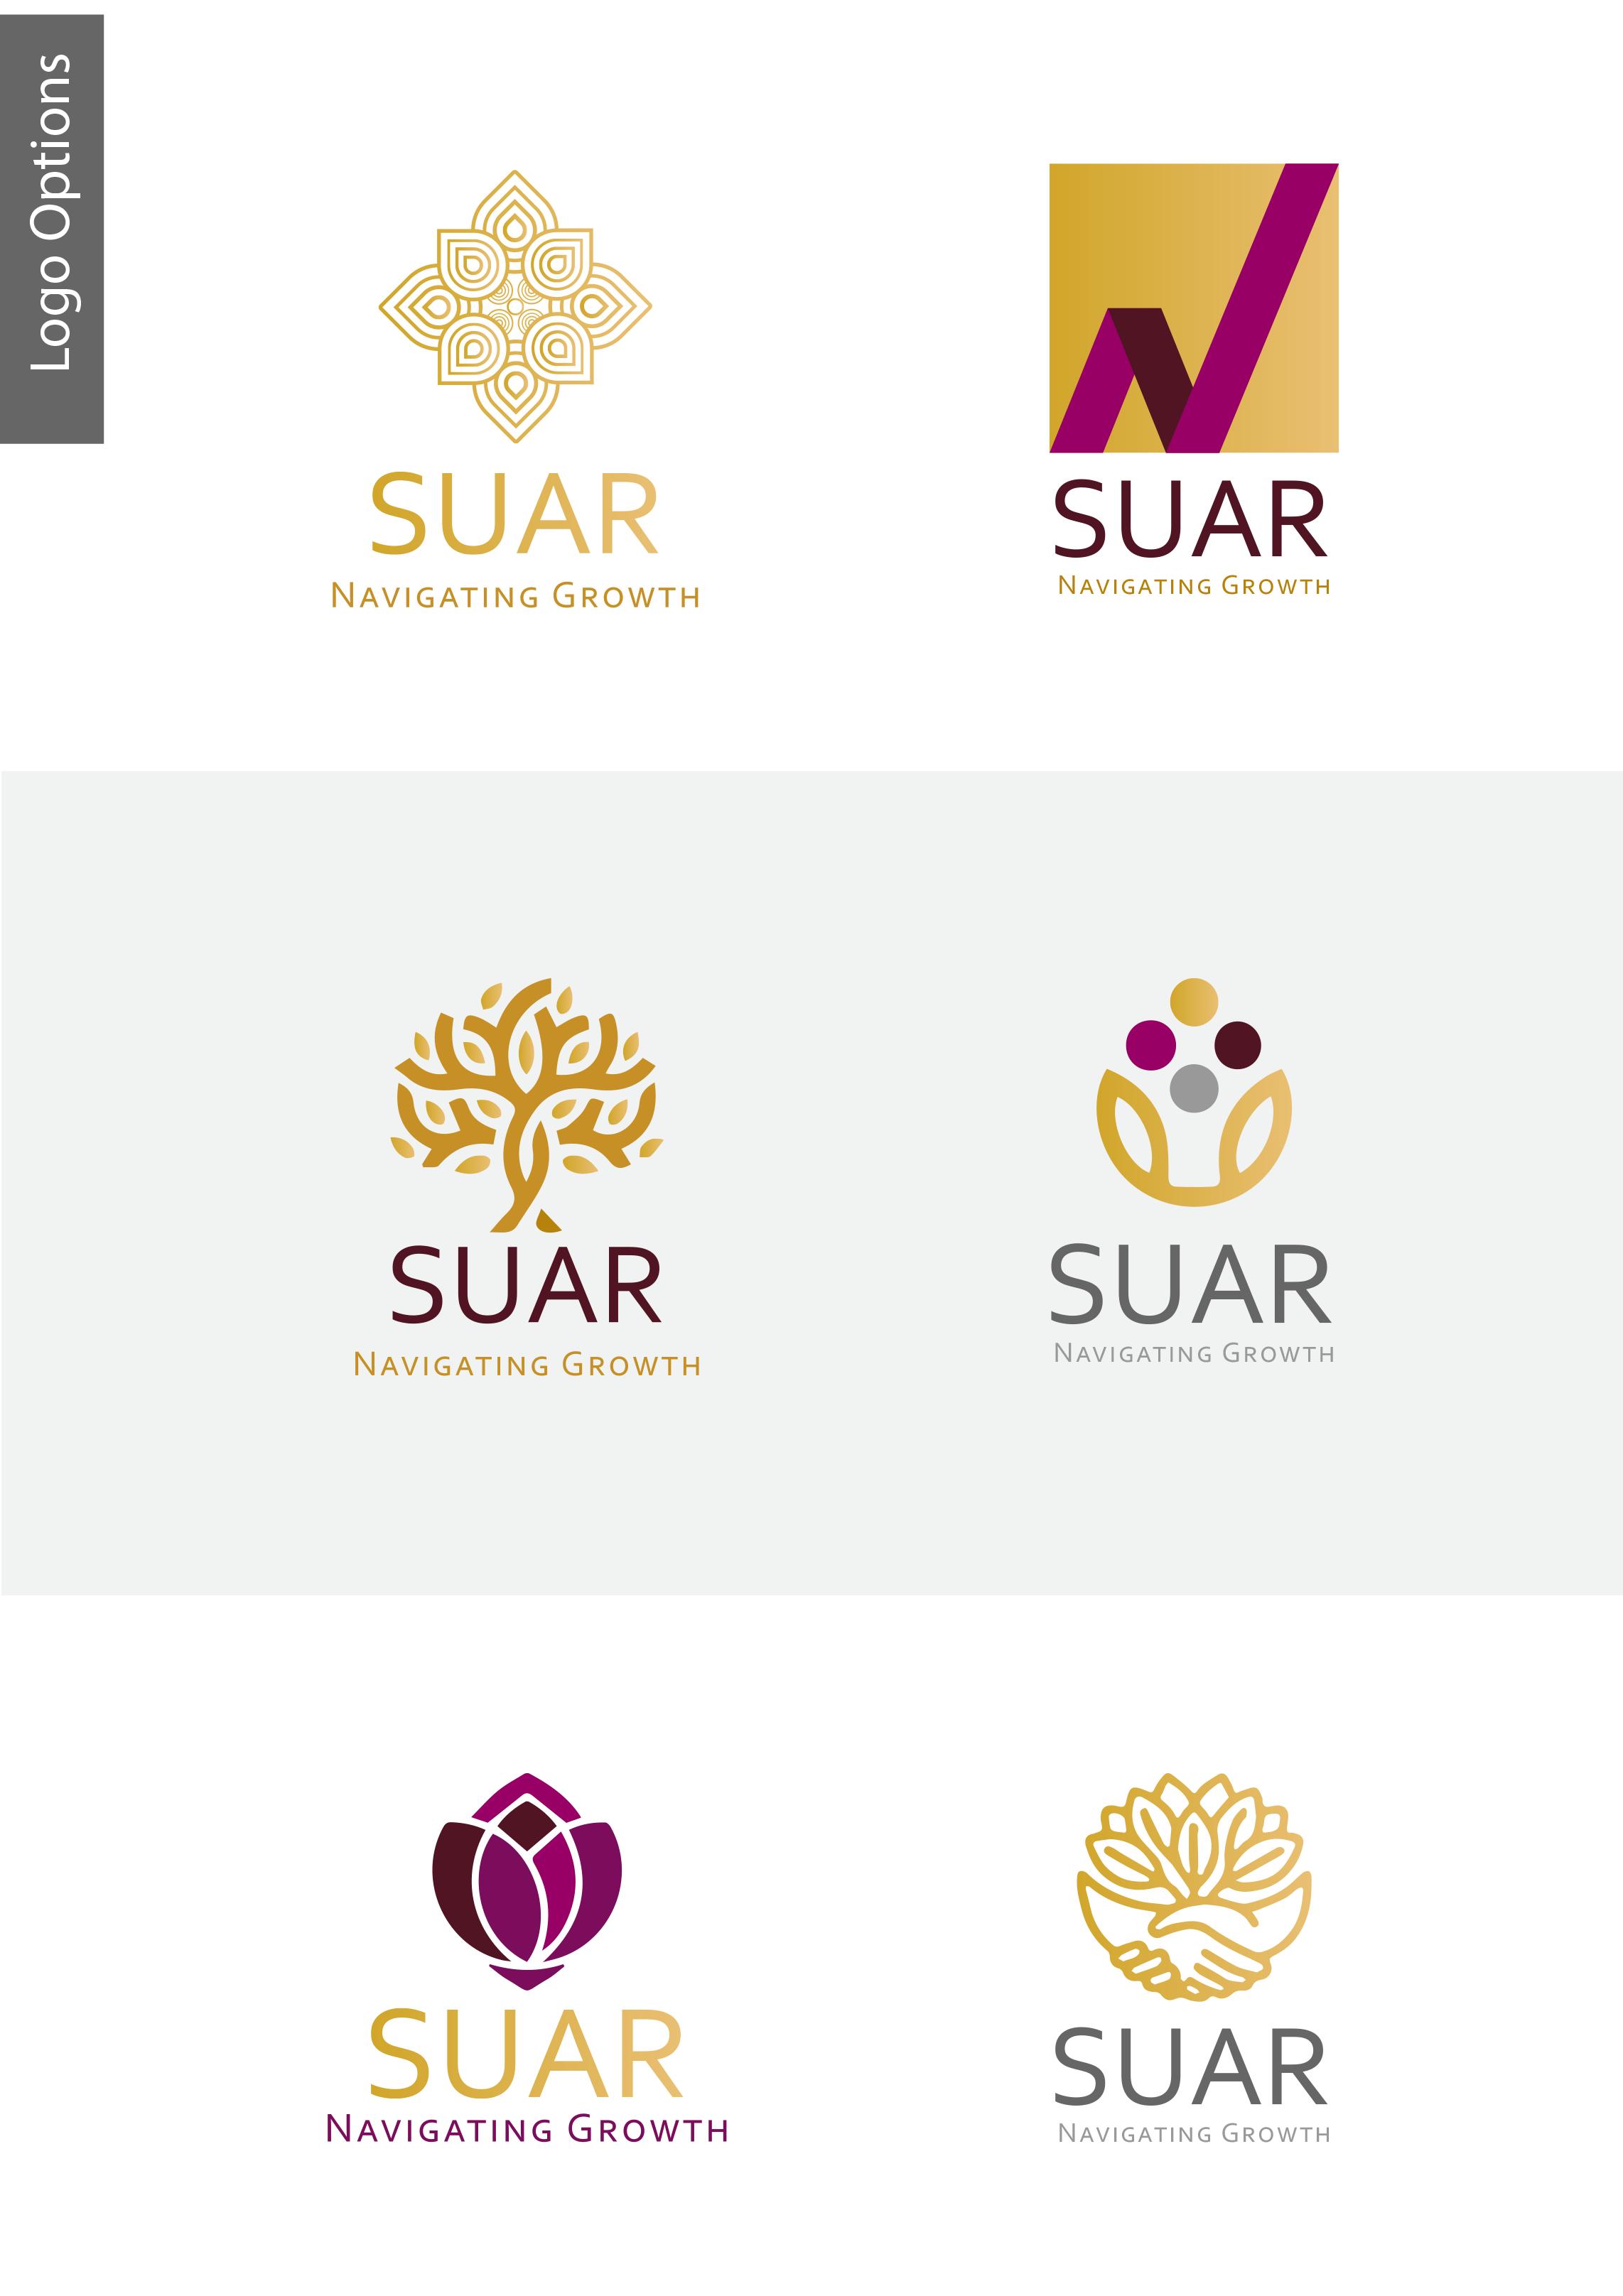 Suar Brand 2019 copy-3